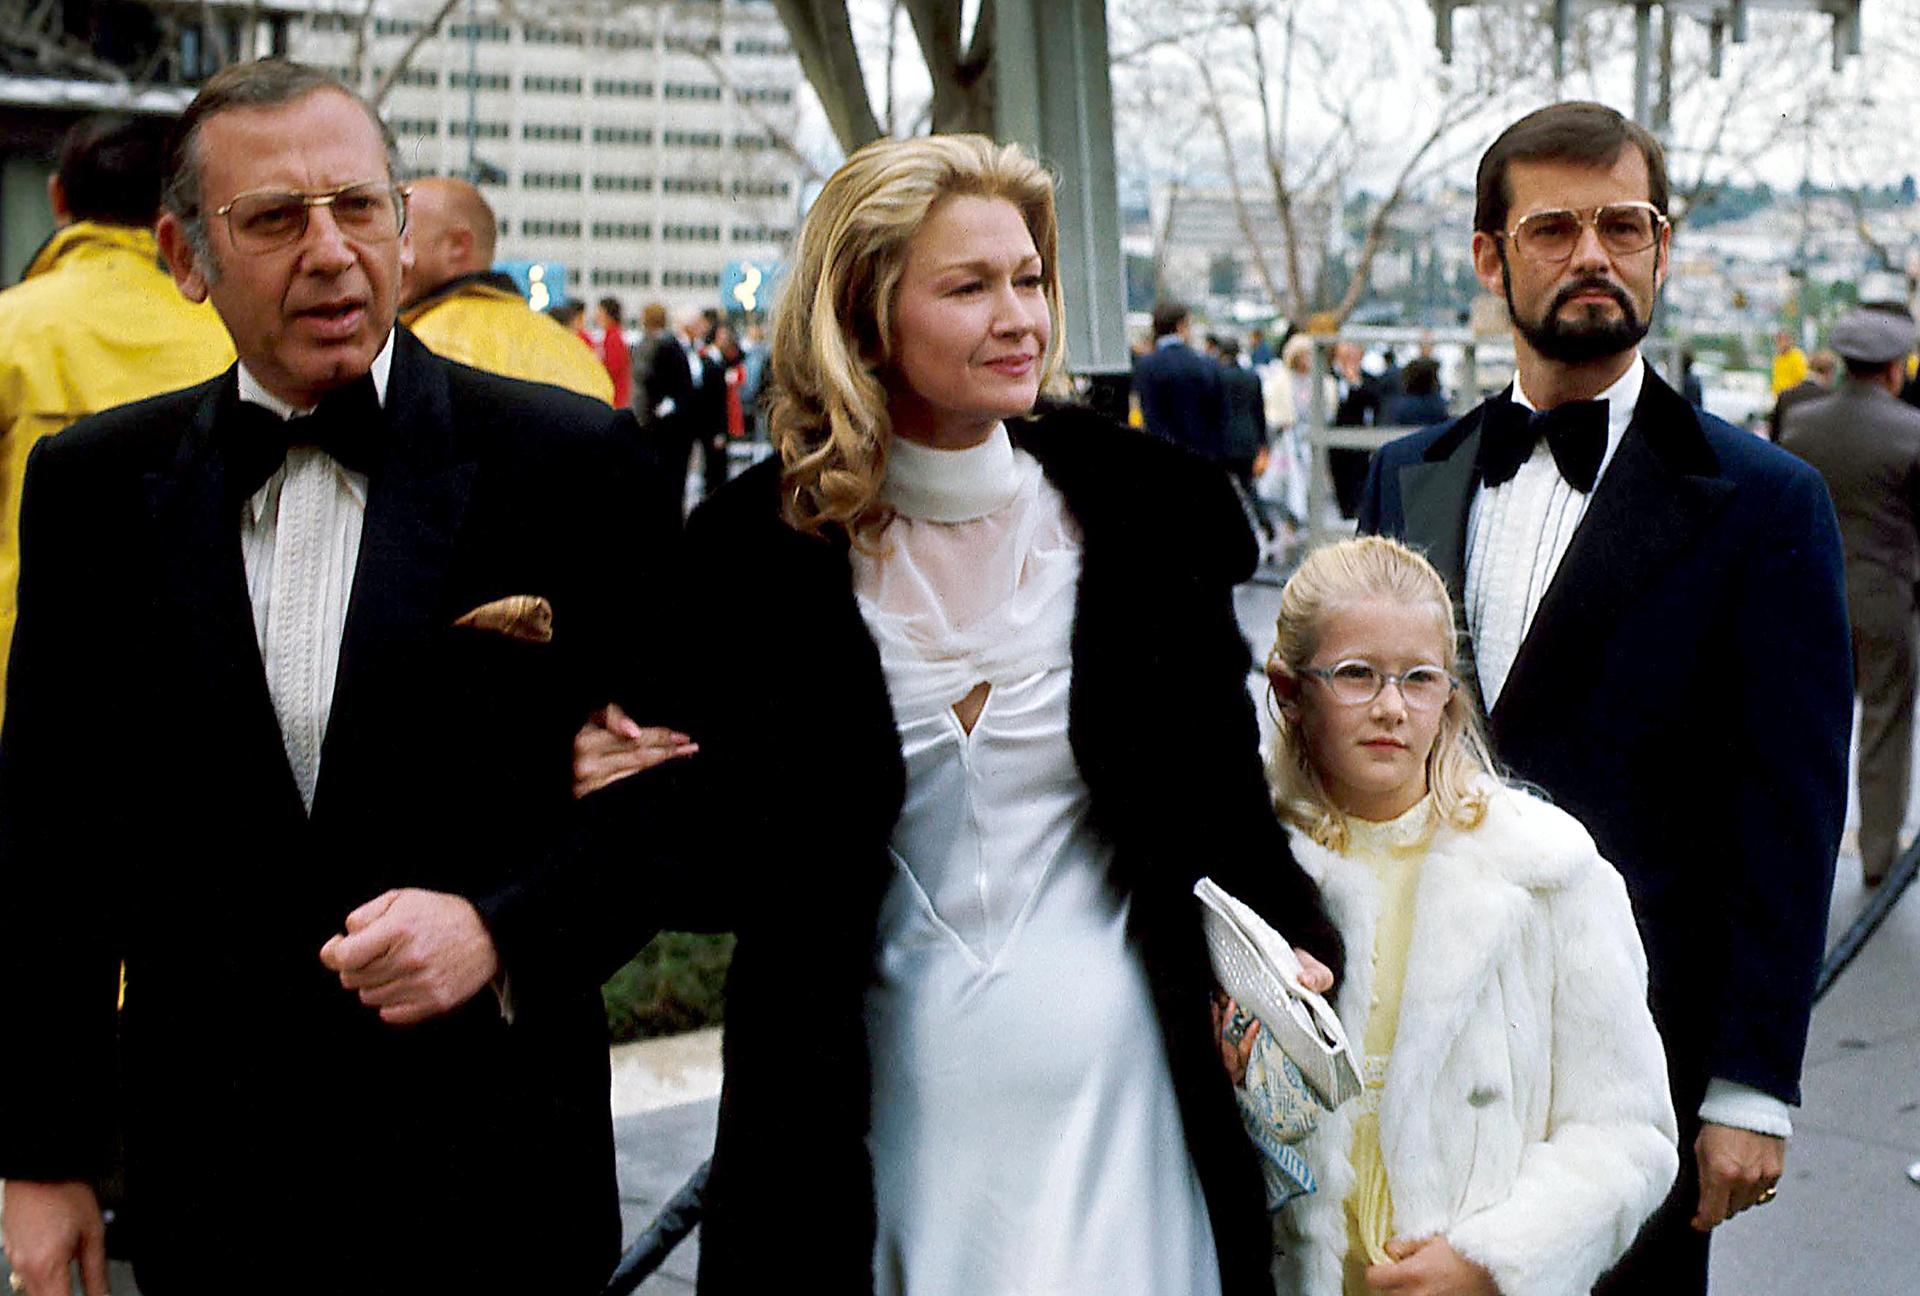 Laura Dern tenía 8 años en 1975 cuando hizo su primera aparición en los premios Oscar con su mamá, Diane Ladd